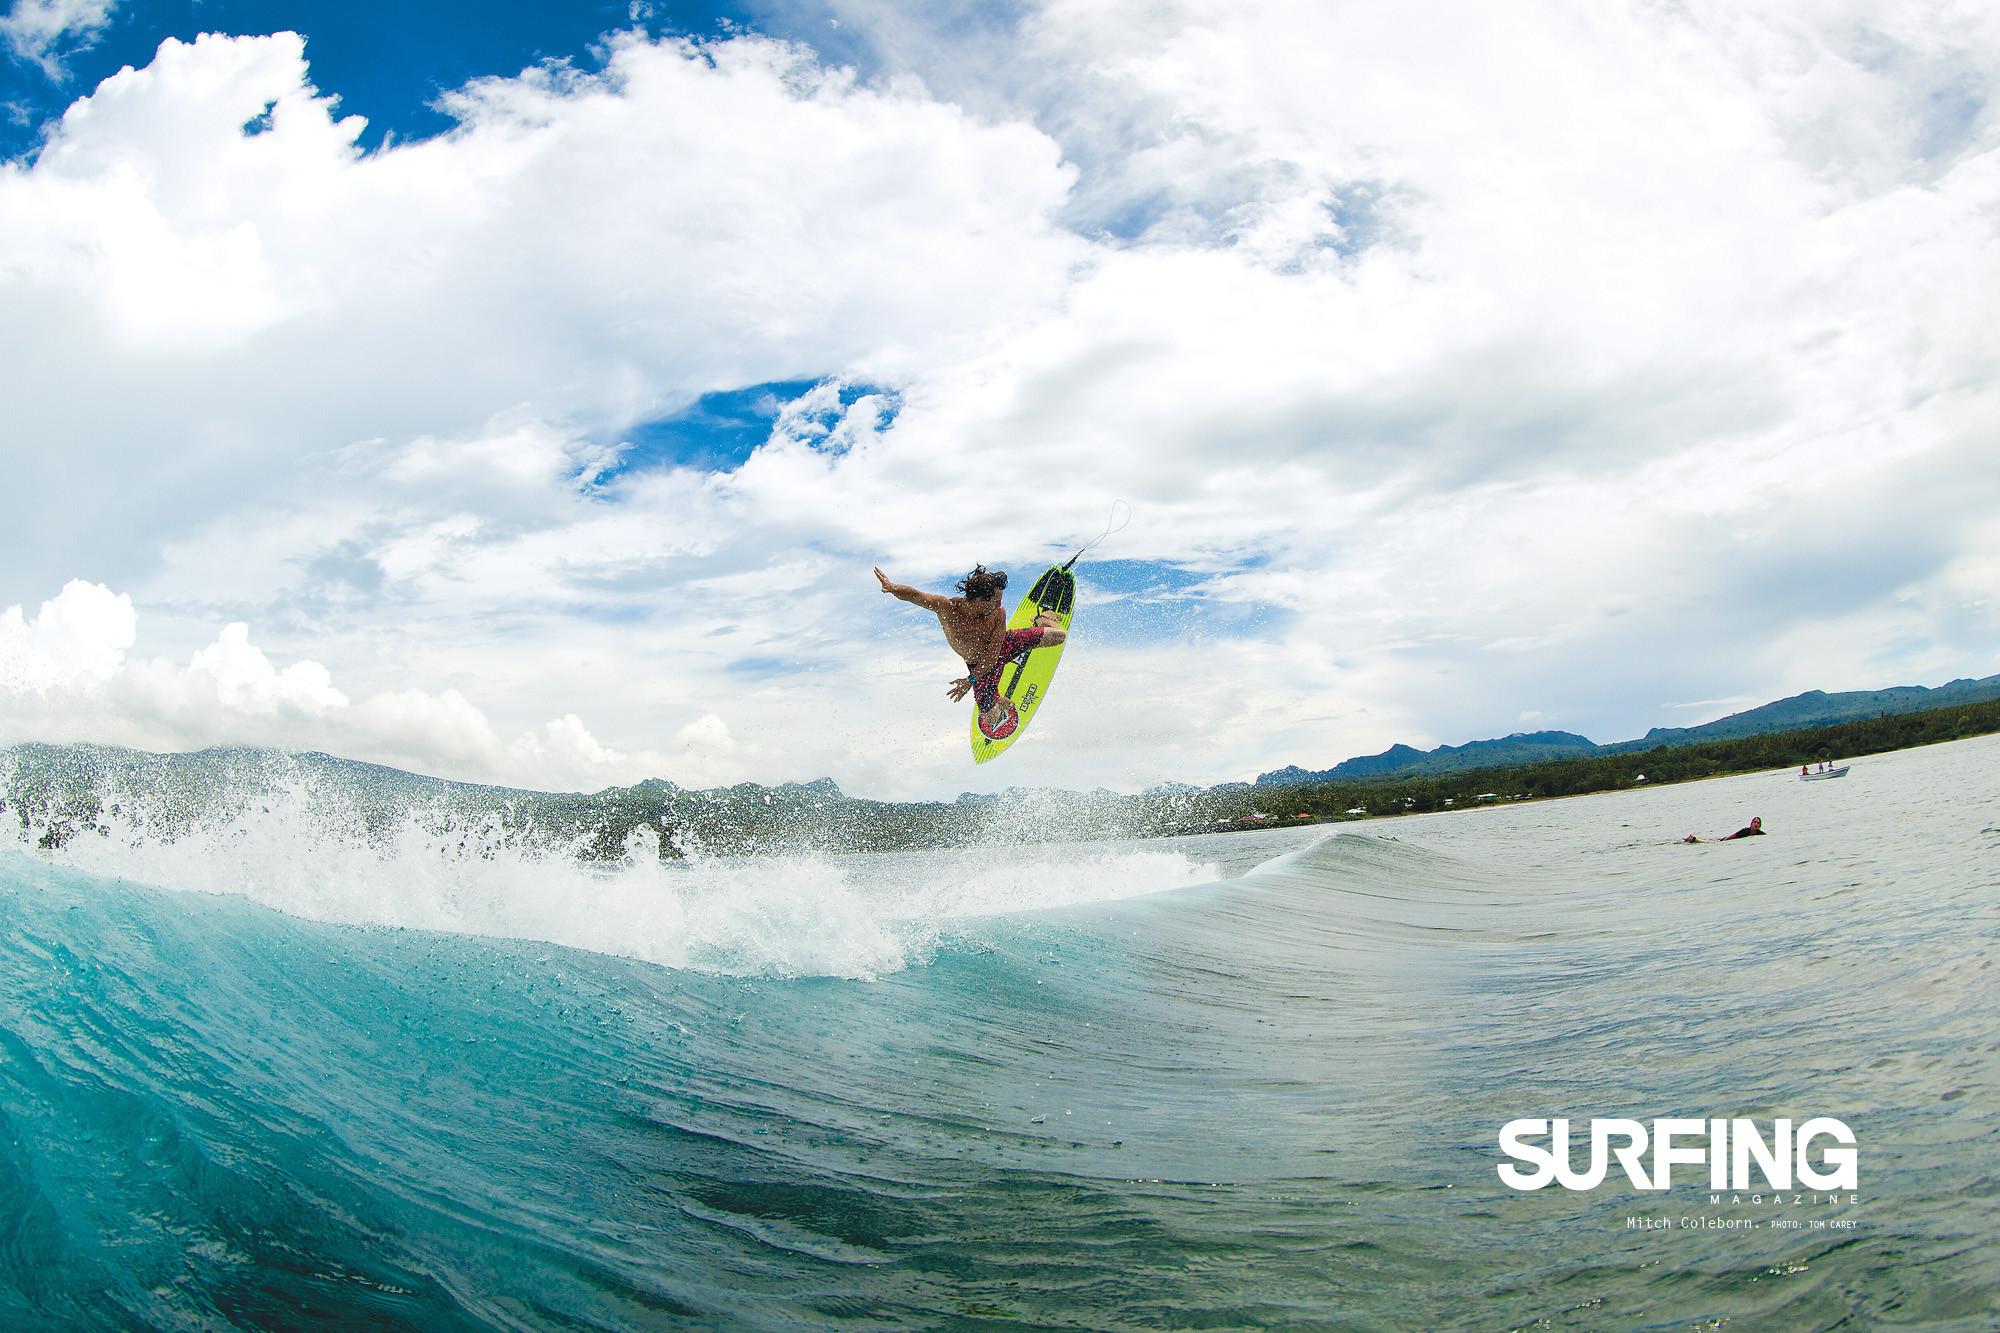 Surfing Magazine Summer Wallpaper (18 Photos)